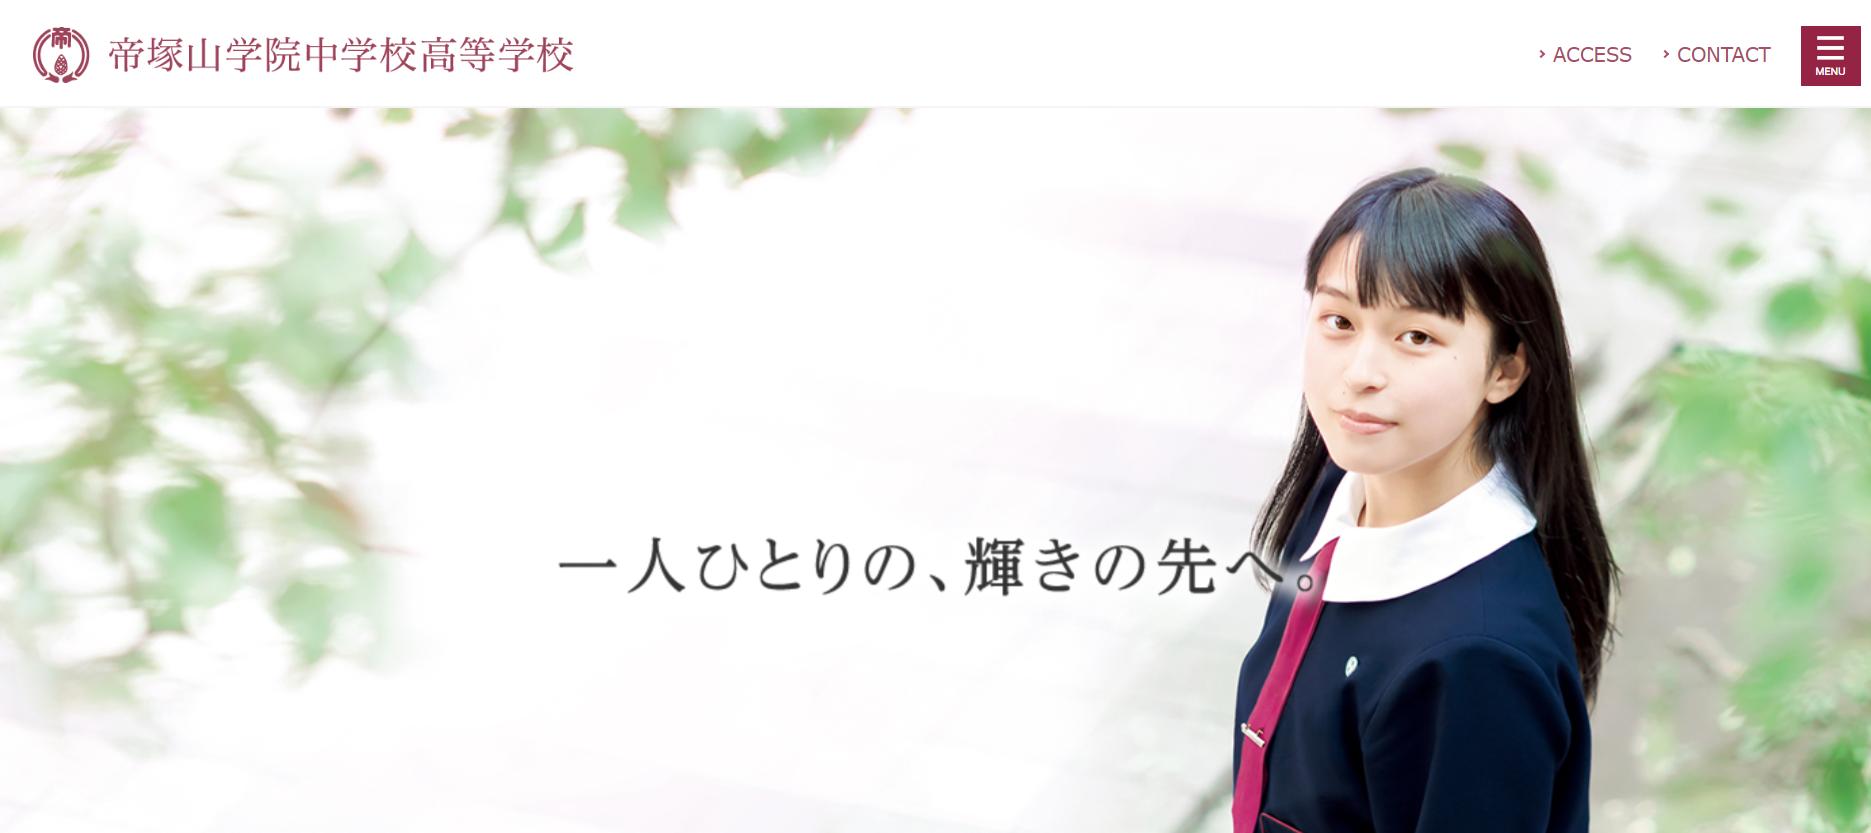 帝塚山学院高校の口コミ・評判